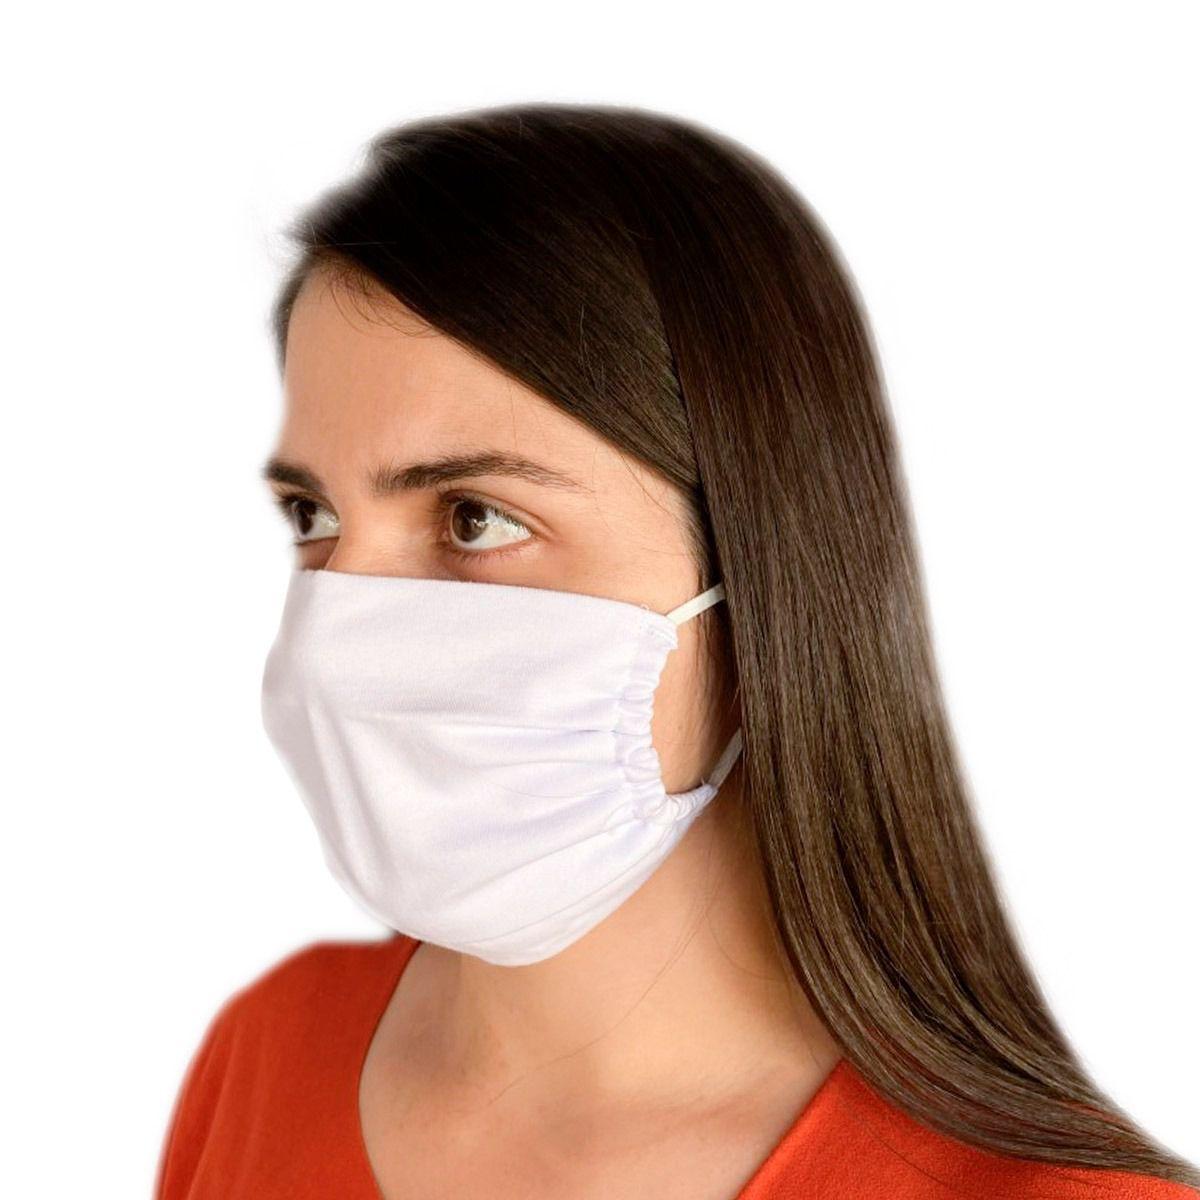 Máscara De Proteção Em Algodão Reutilizável Avulsa-Sedução 0019